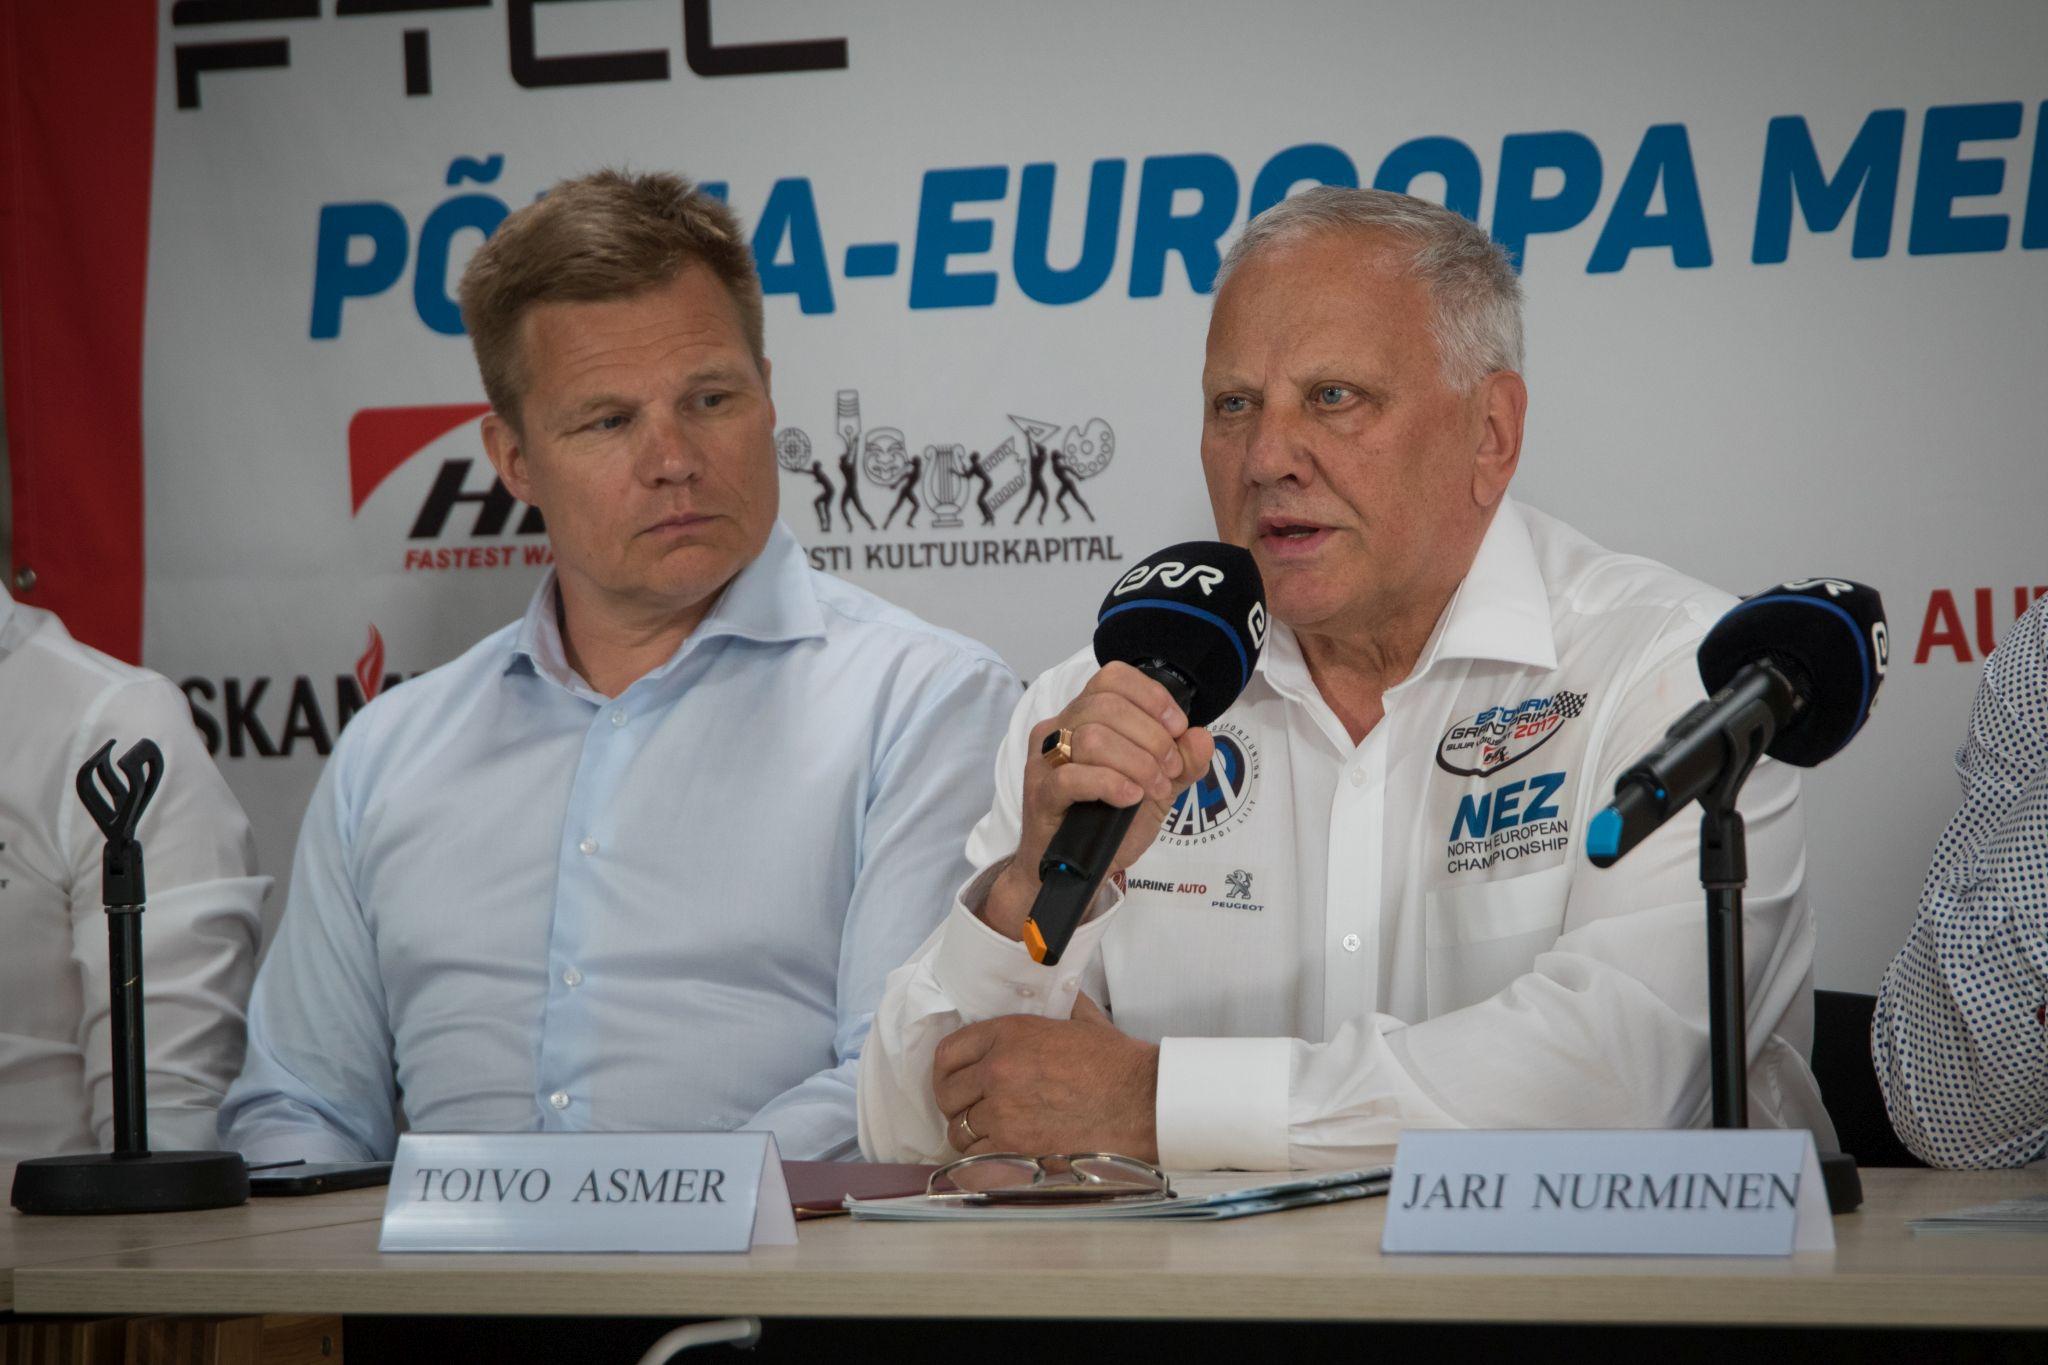 Suur Võidusõit peab järgmisel aastal esimest juubelit ja ühendab auto- ja motosporti!